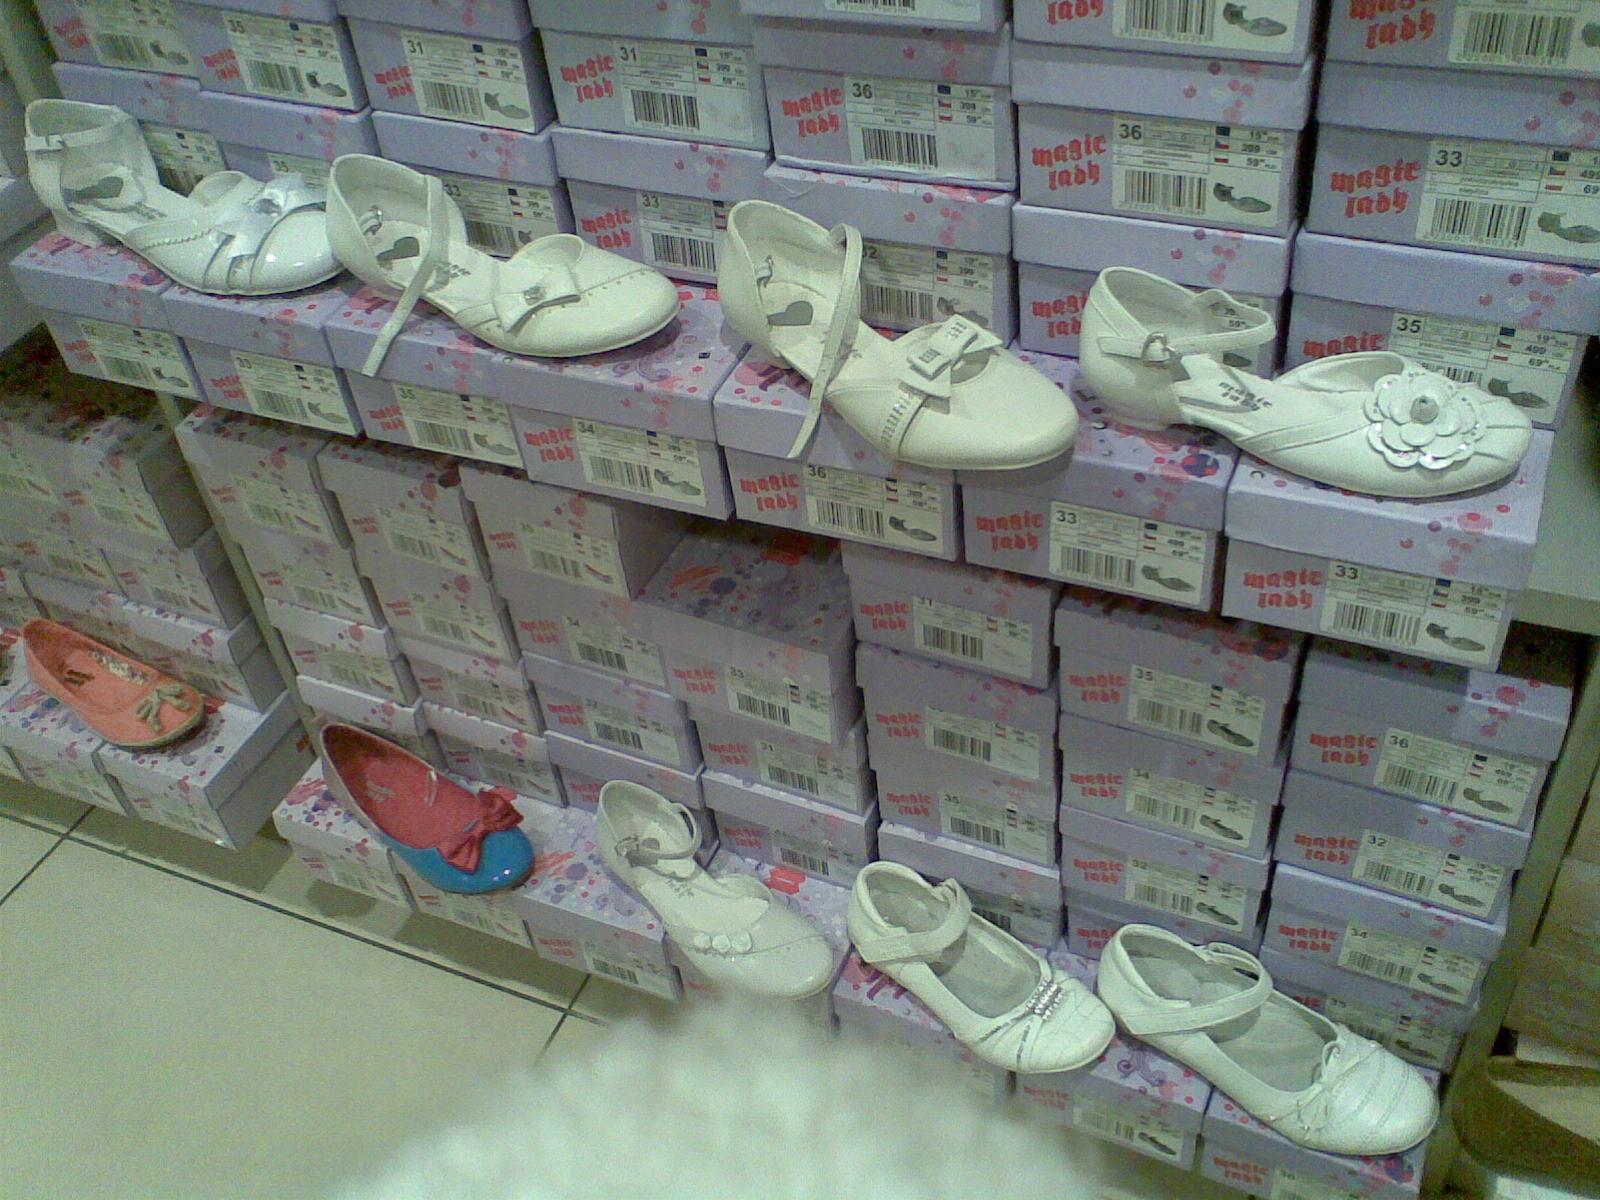 e5fcf1e8 Próbowałam też znaleźć jakieś typowe komunijne obuwie dla chłopców w tym  sklepie, ale jakoś nie rzuciło mi się w oczy. Może go jednak po prostu nie  ...